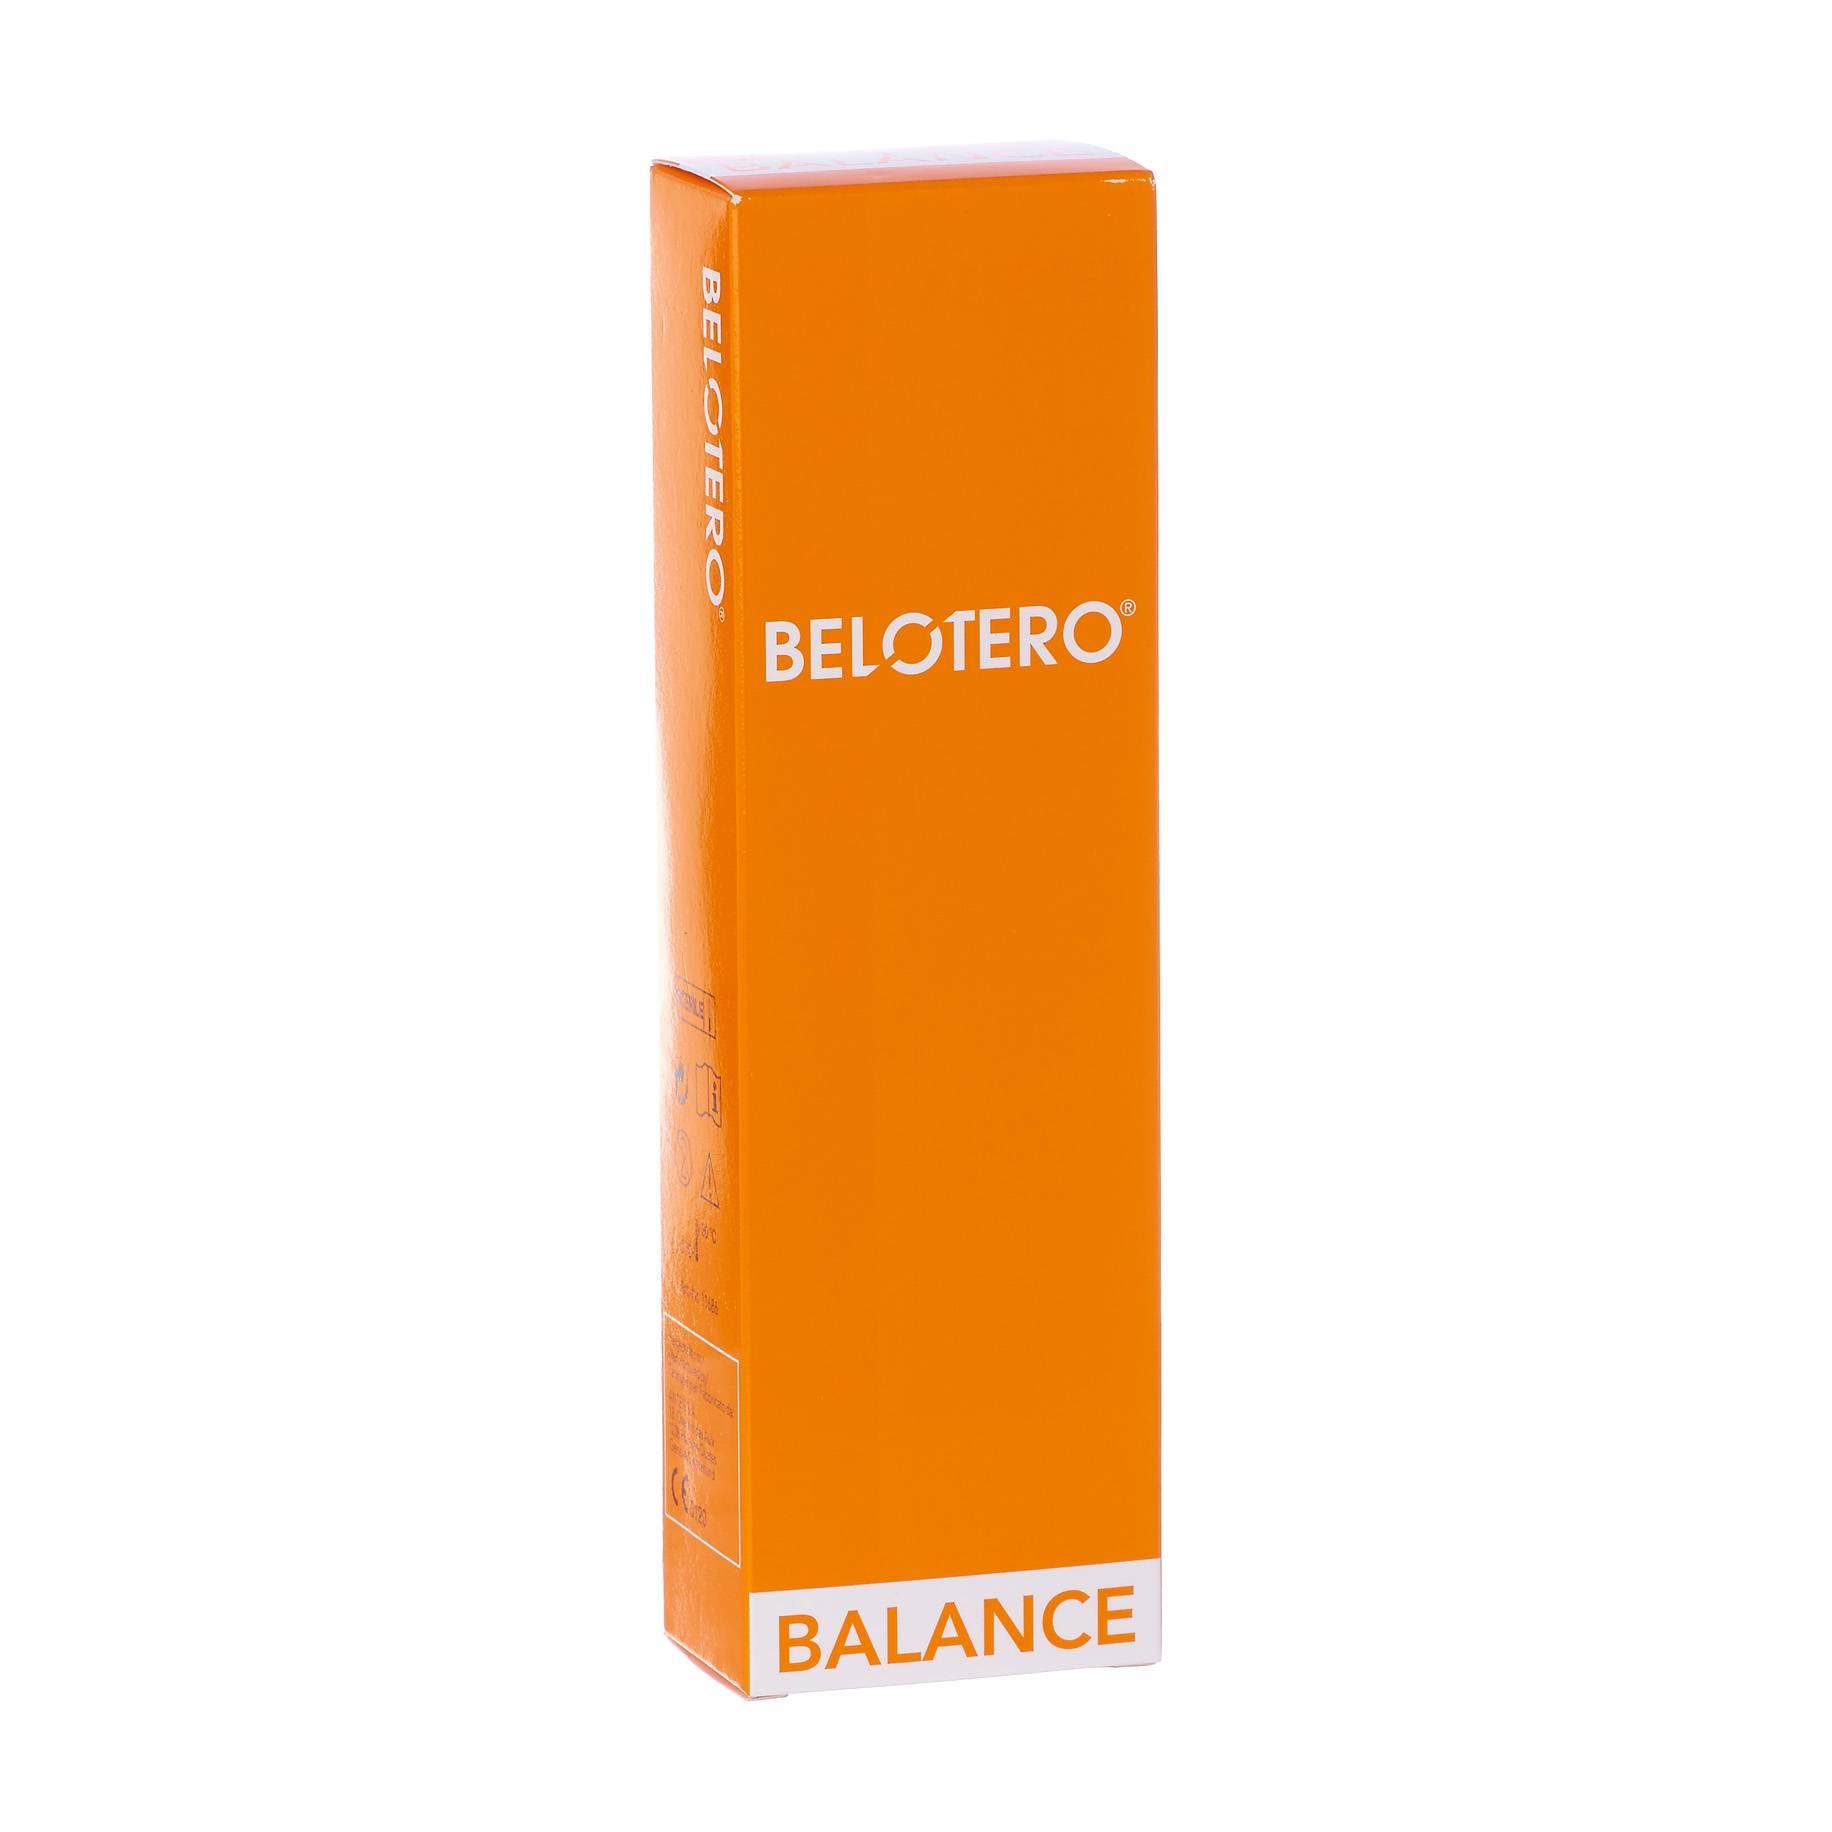 Филлер белотеро: их применение, особенности и противопоказания к ним